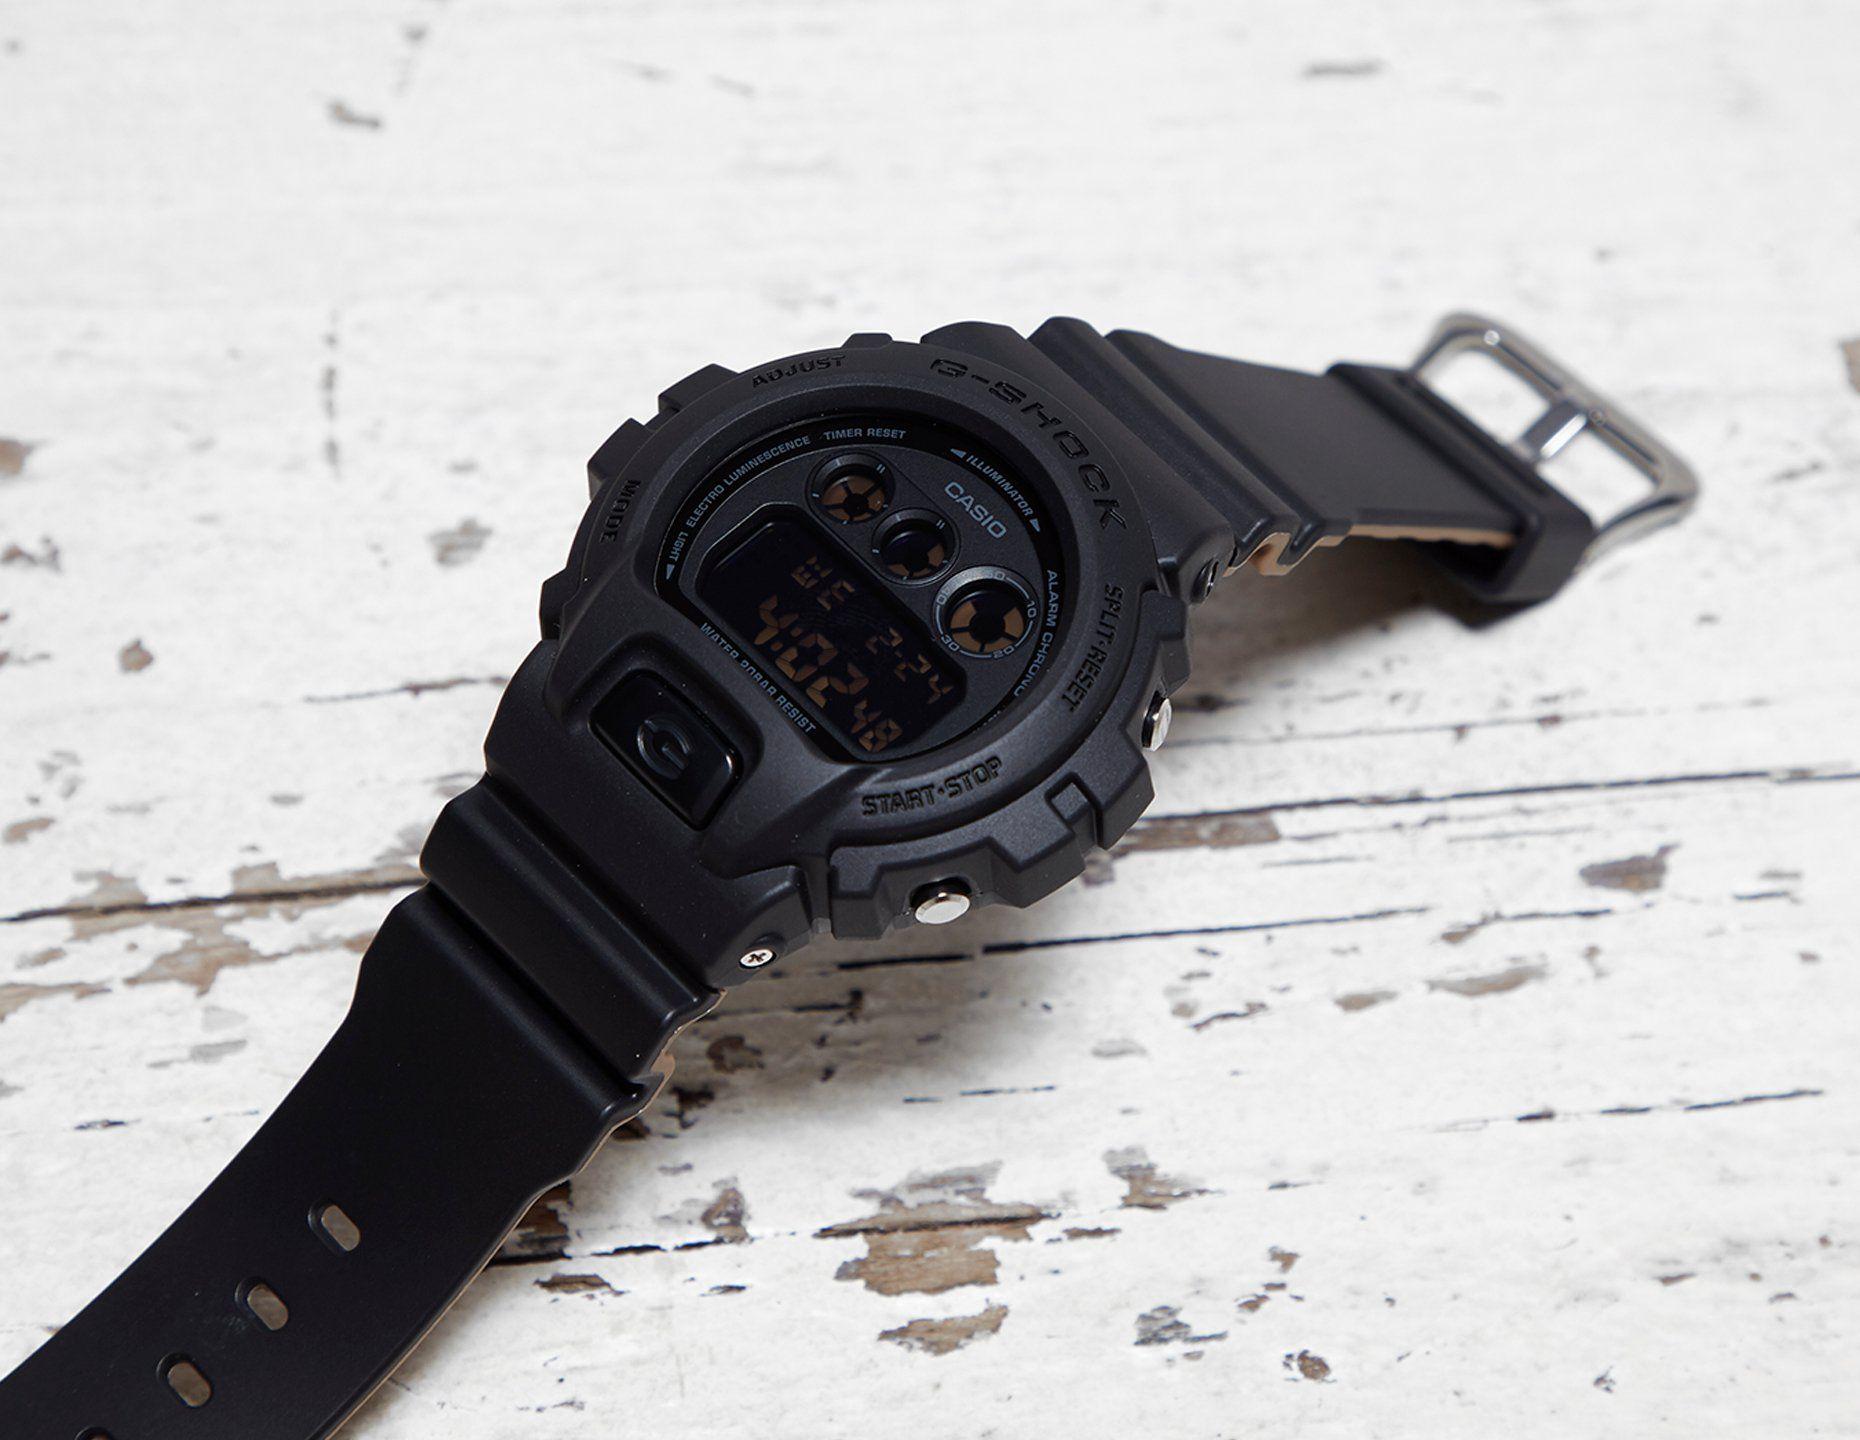 G-Shock DW-6900 Stealth